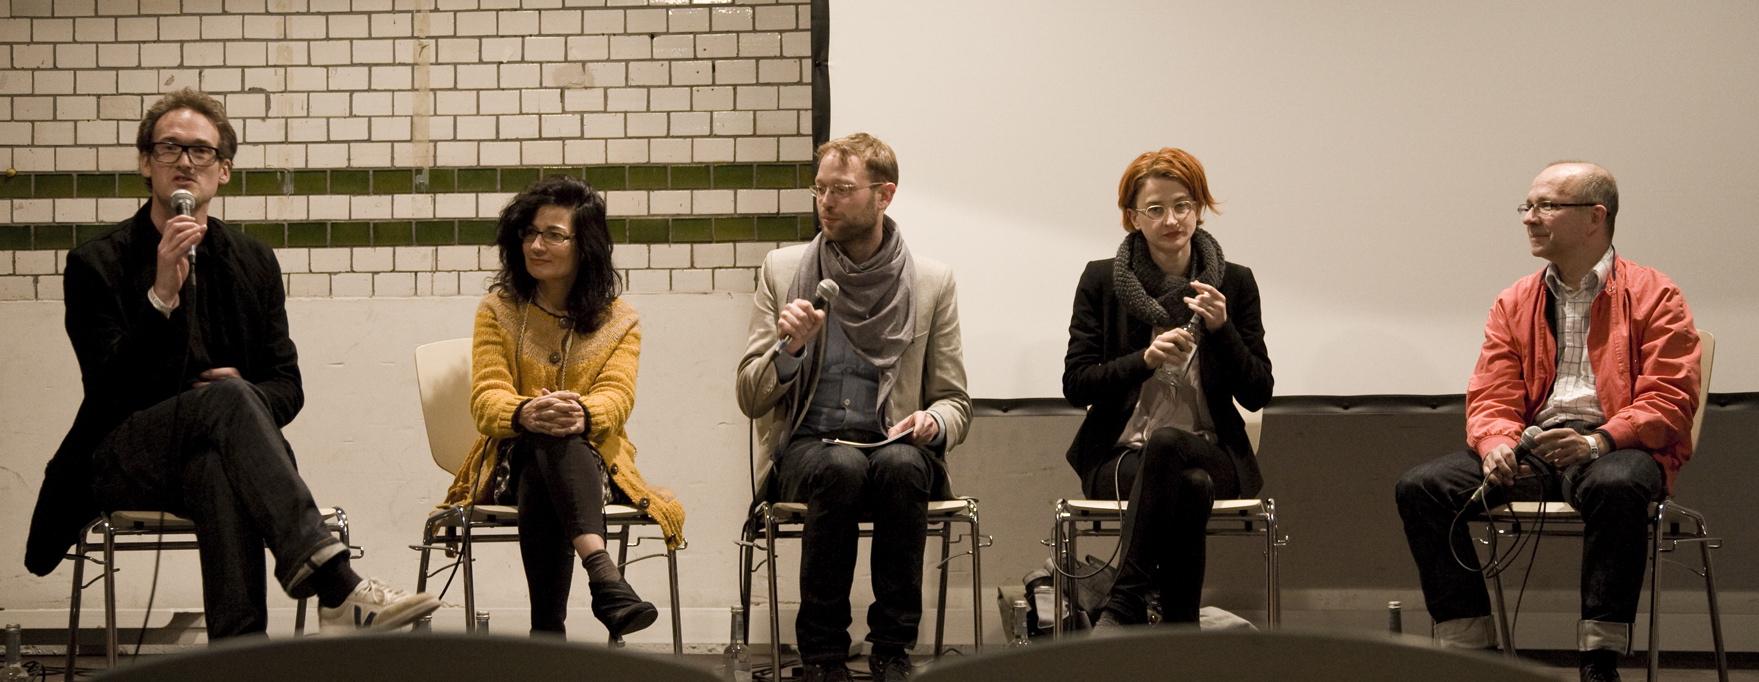 Panel mit Mark Starmans, Sofia Minney, Frans Prins sowie Caroline Drucker und Norbert Henzel | Beyond Fashion Summit | Fotocredit: SEBASTIAN-MARGGRAF